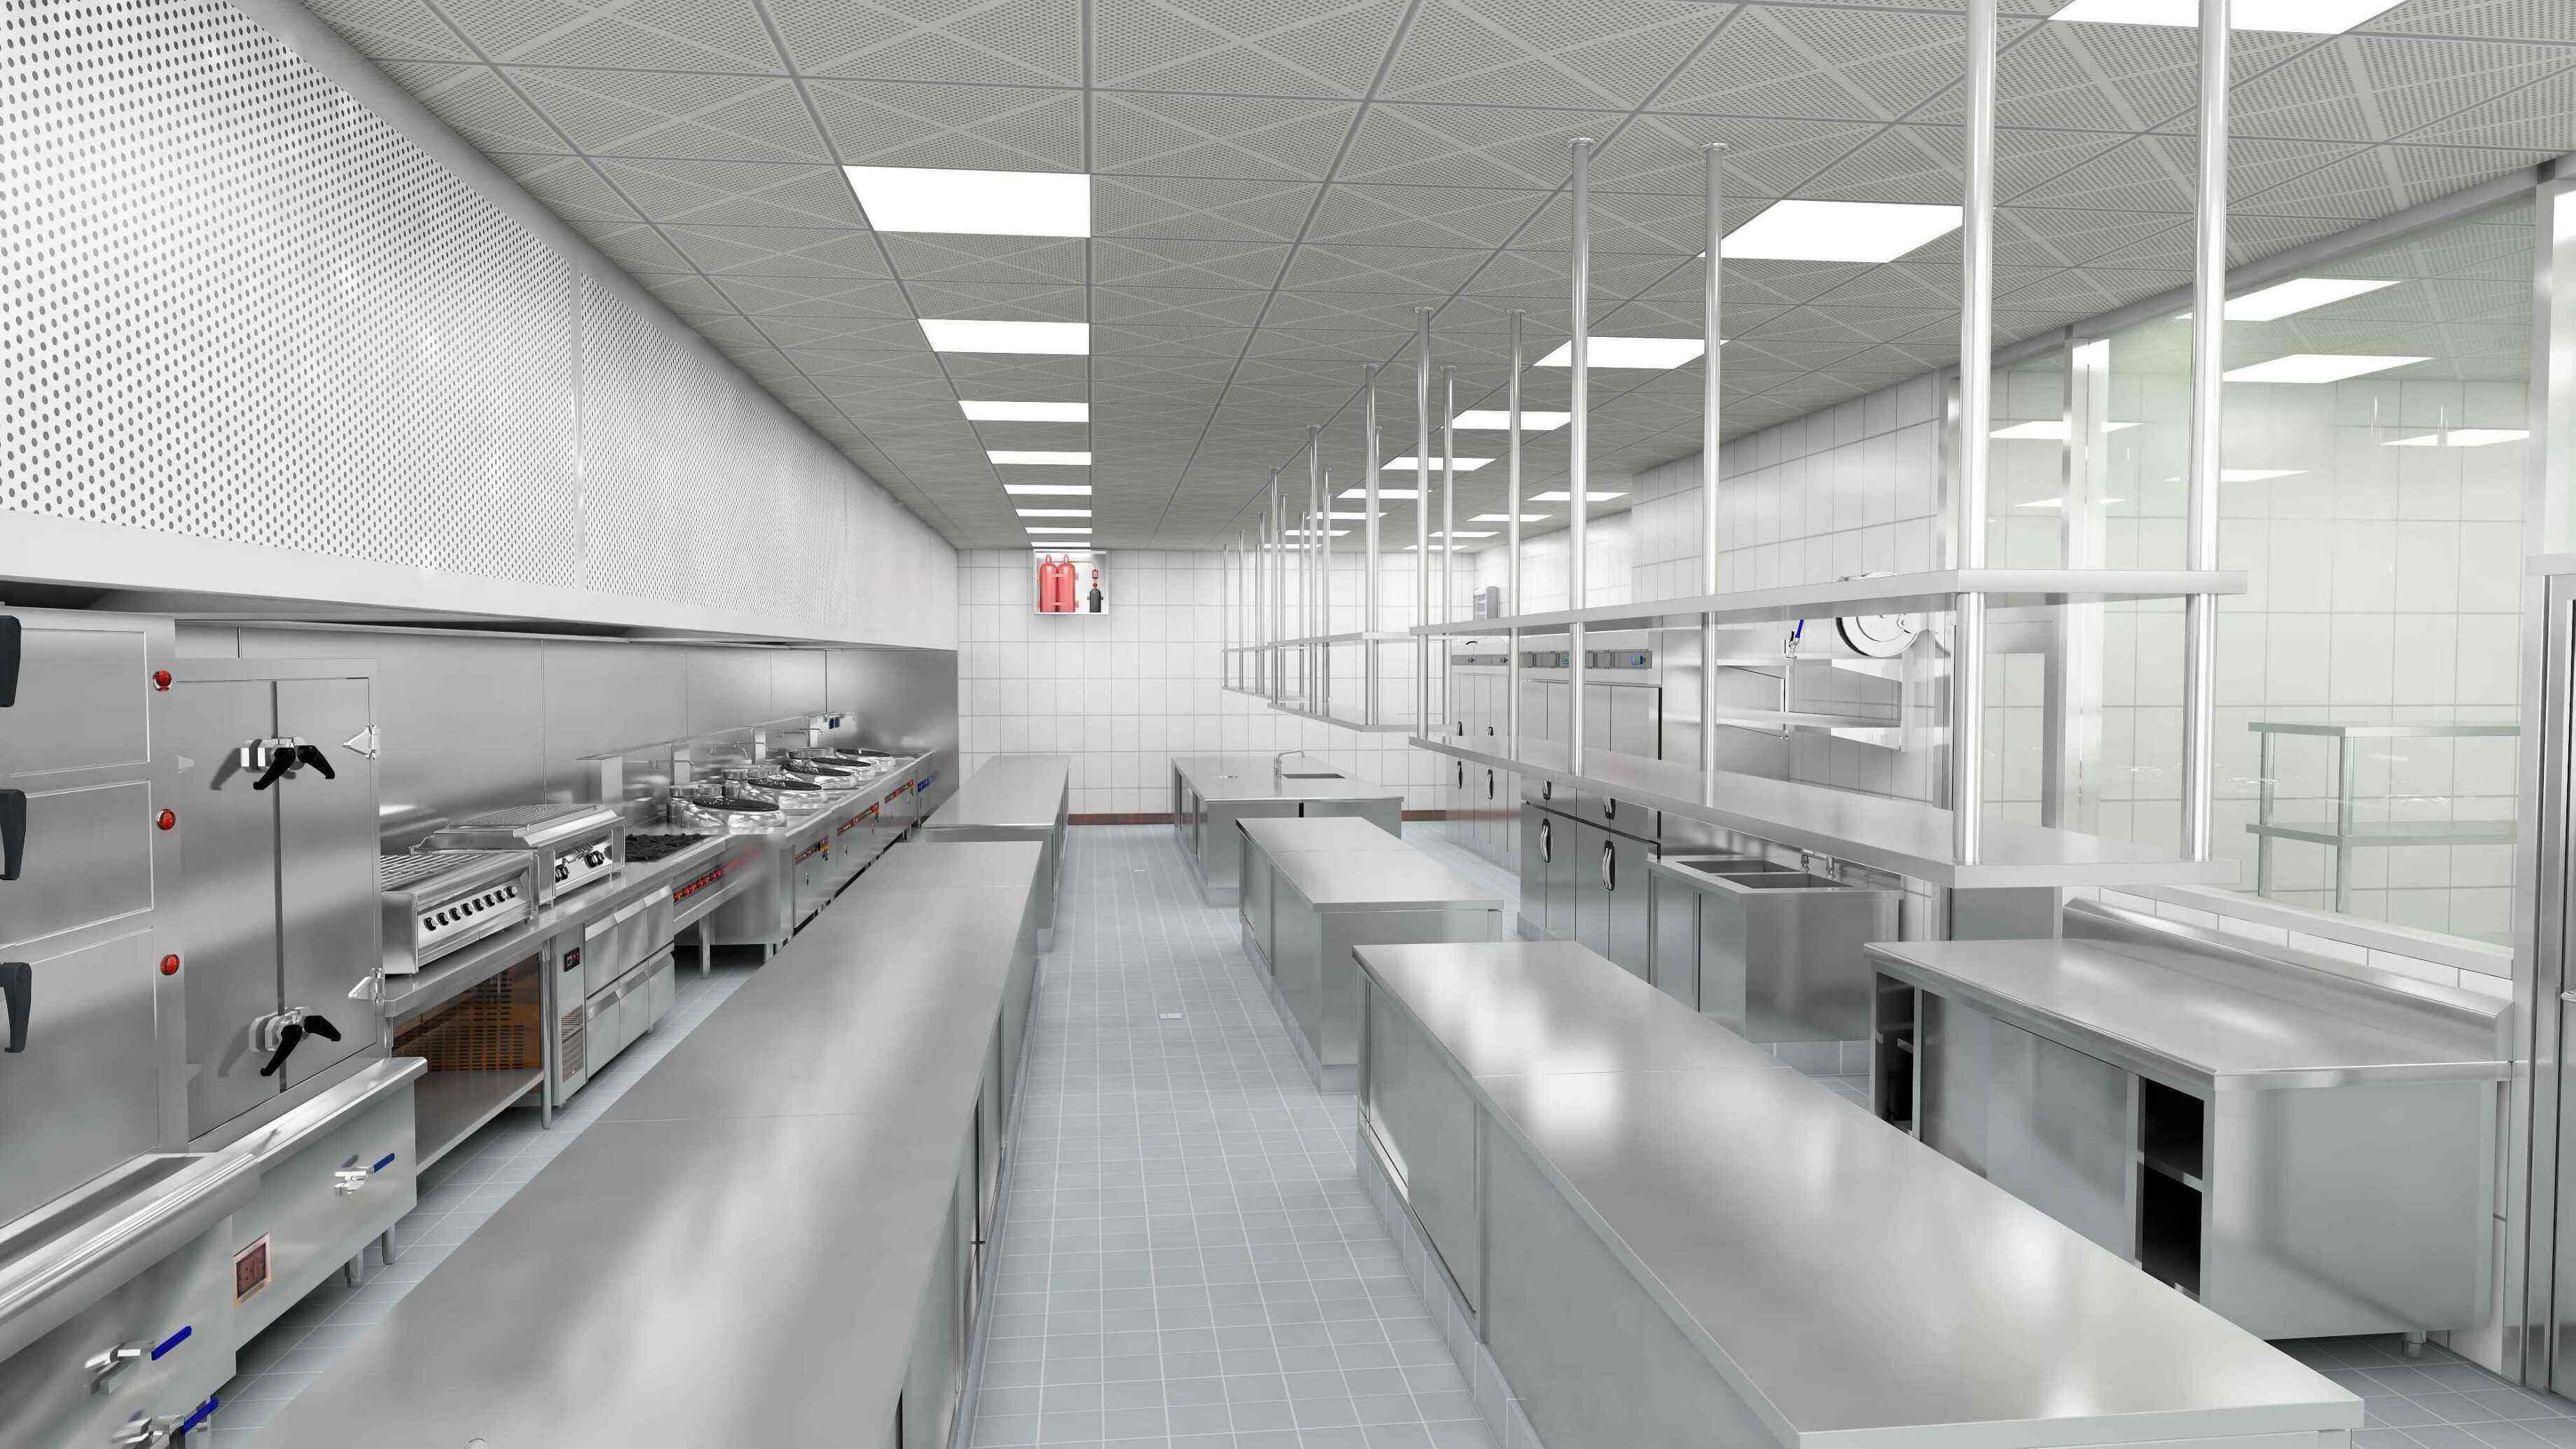 企业单位食堂厨房该如何设计?